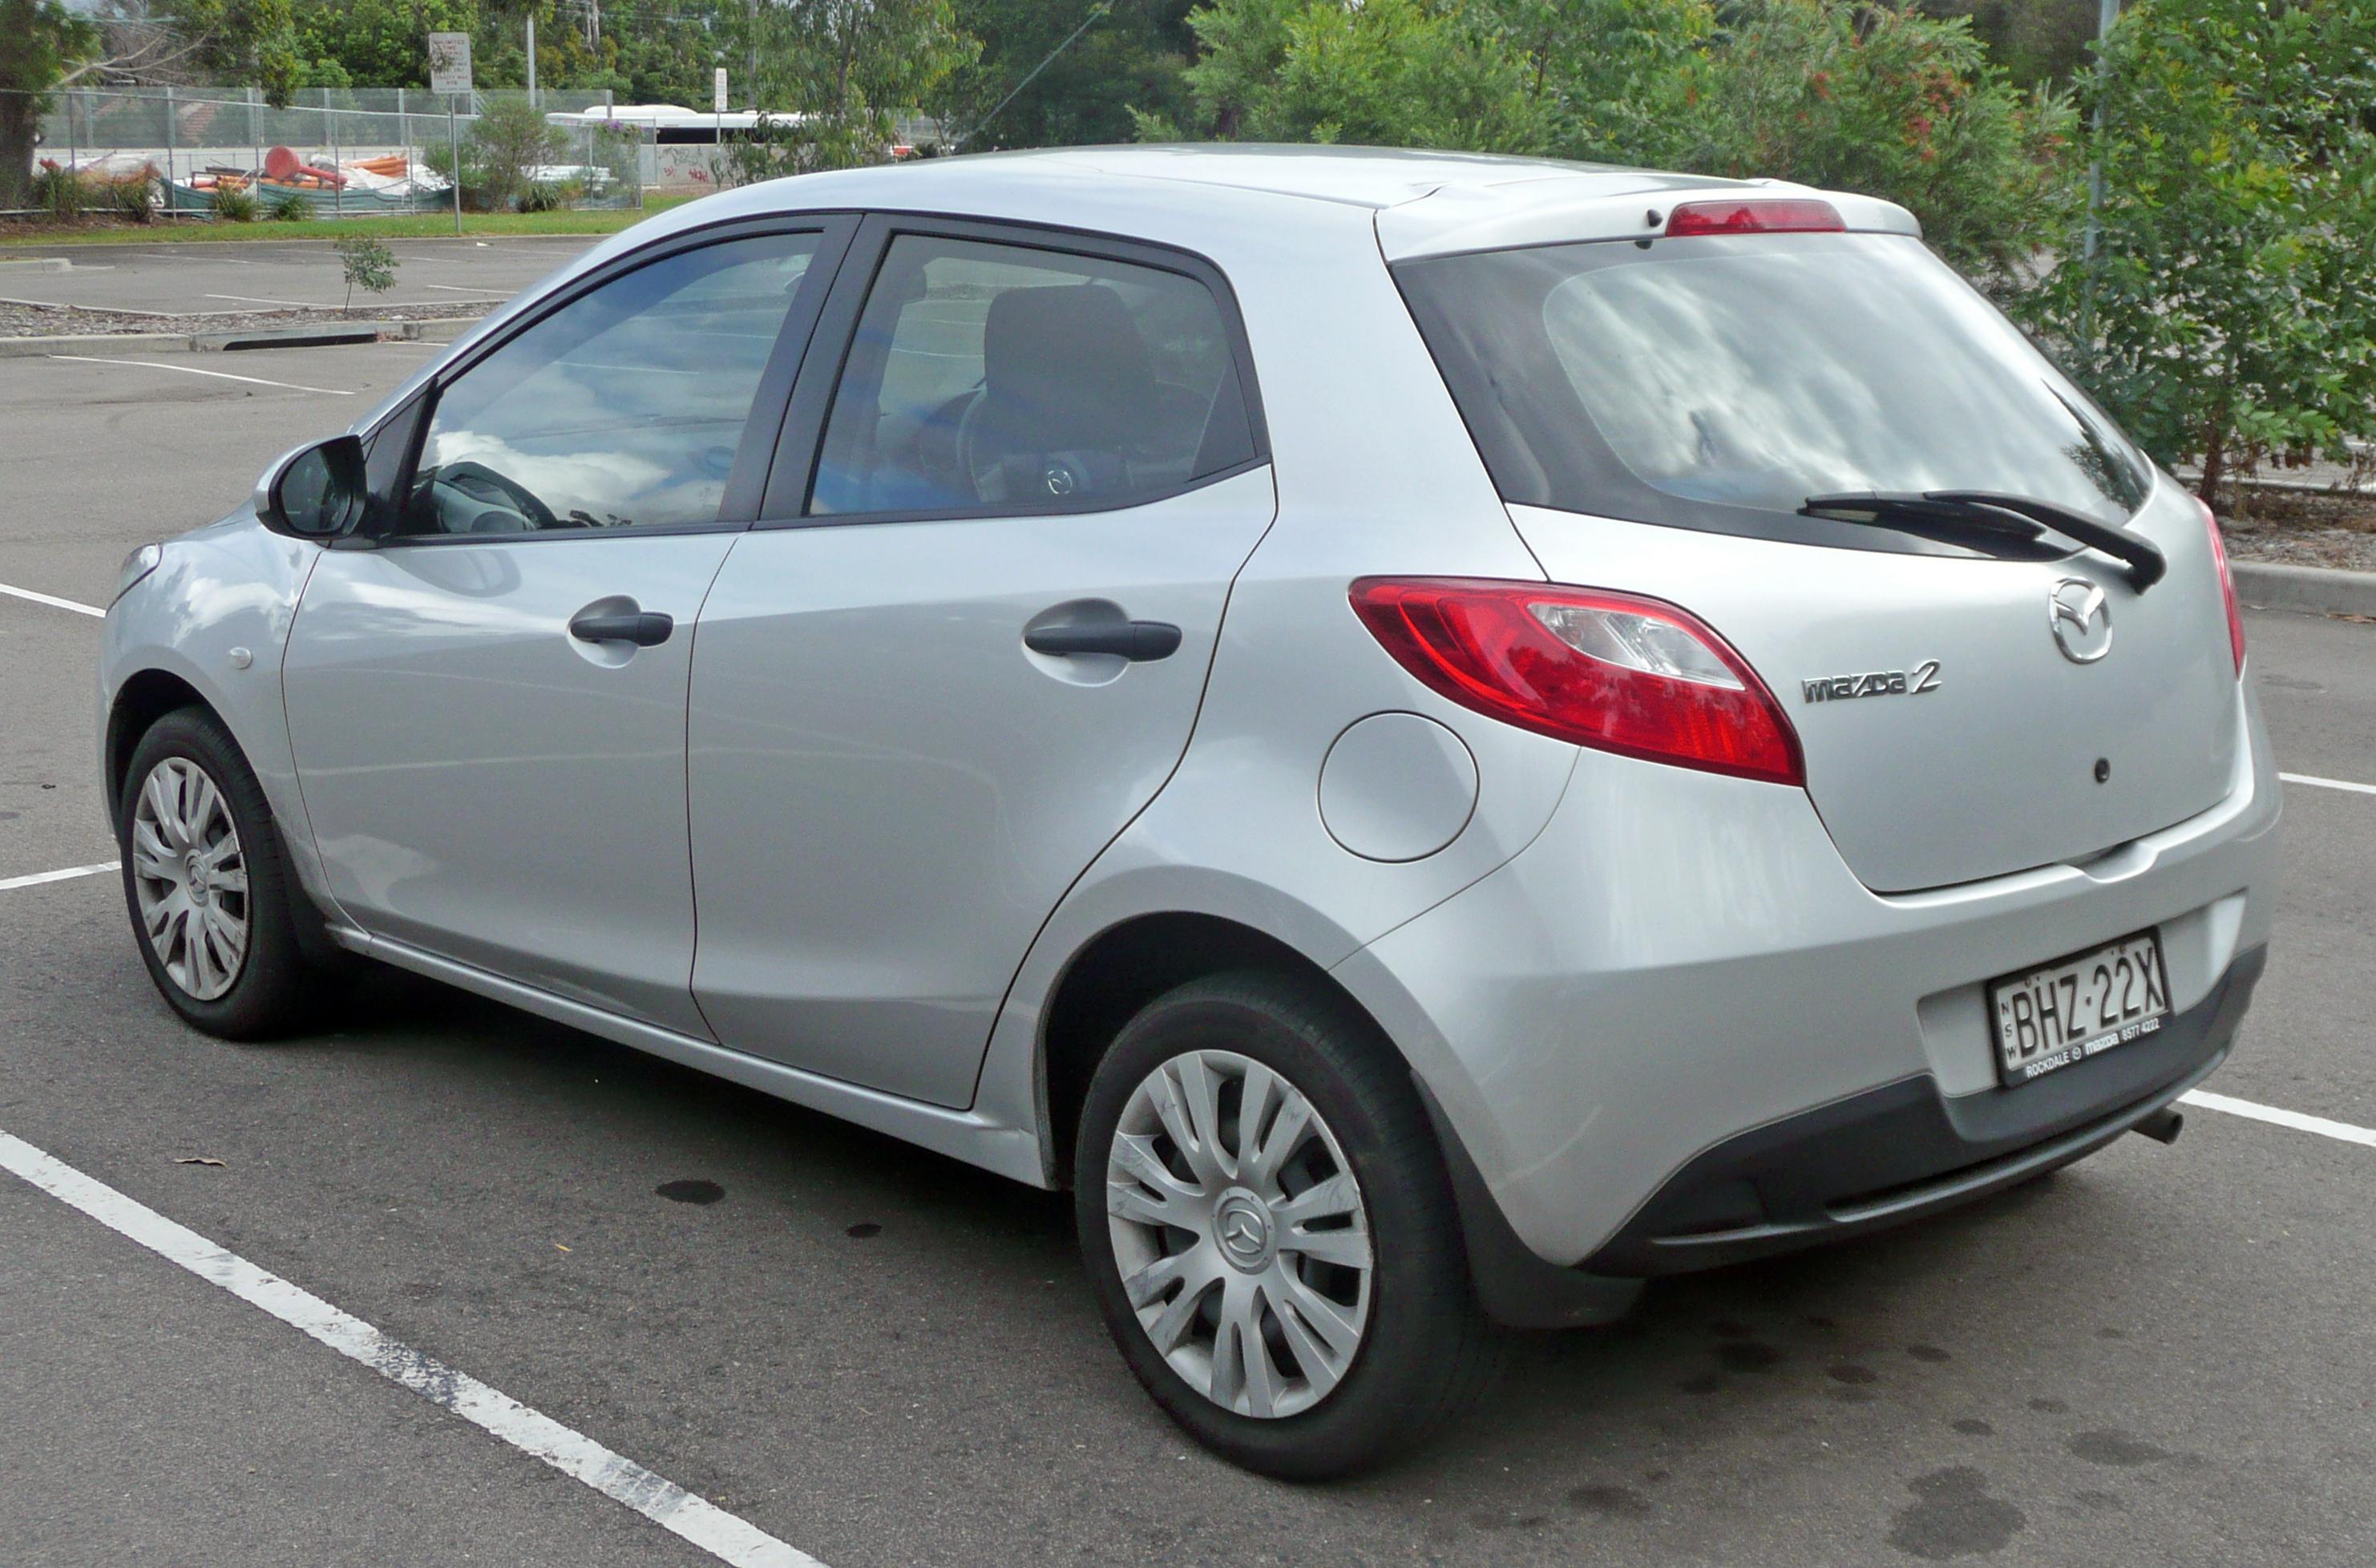 Mazda3 5 Door >> File:2007-2009 Mazda 2 (DE) Neo 5-door hatchback 03.jpg - Wikimedia Commons